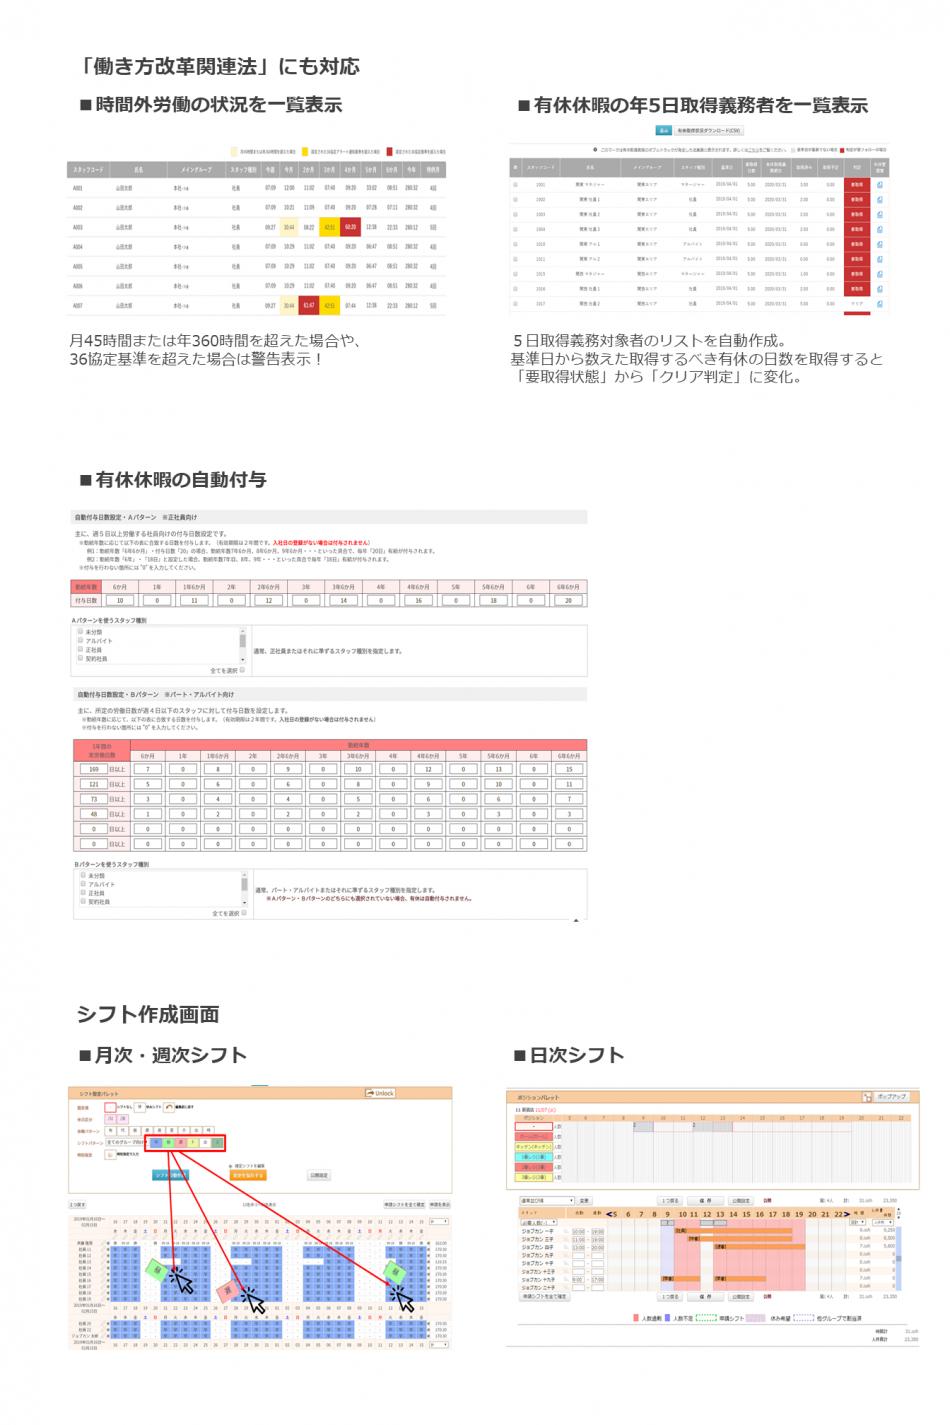 勤怠管理システム ジョブカン製品詳細2